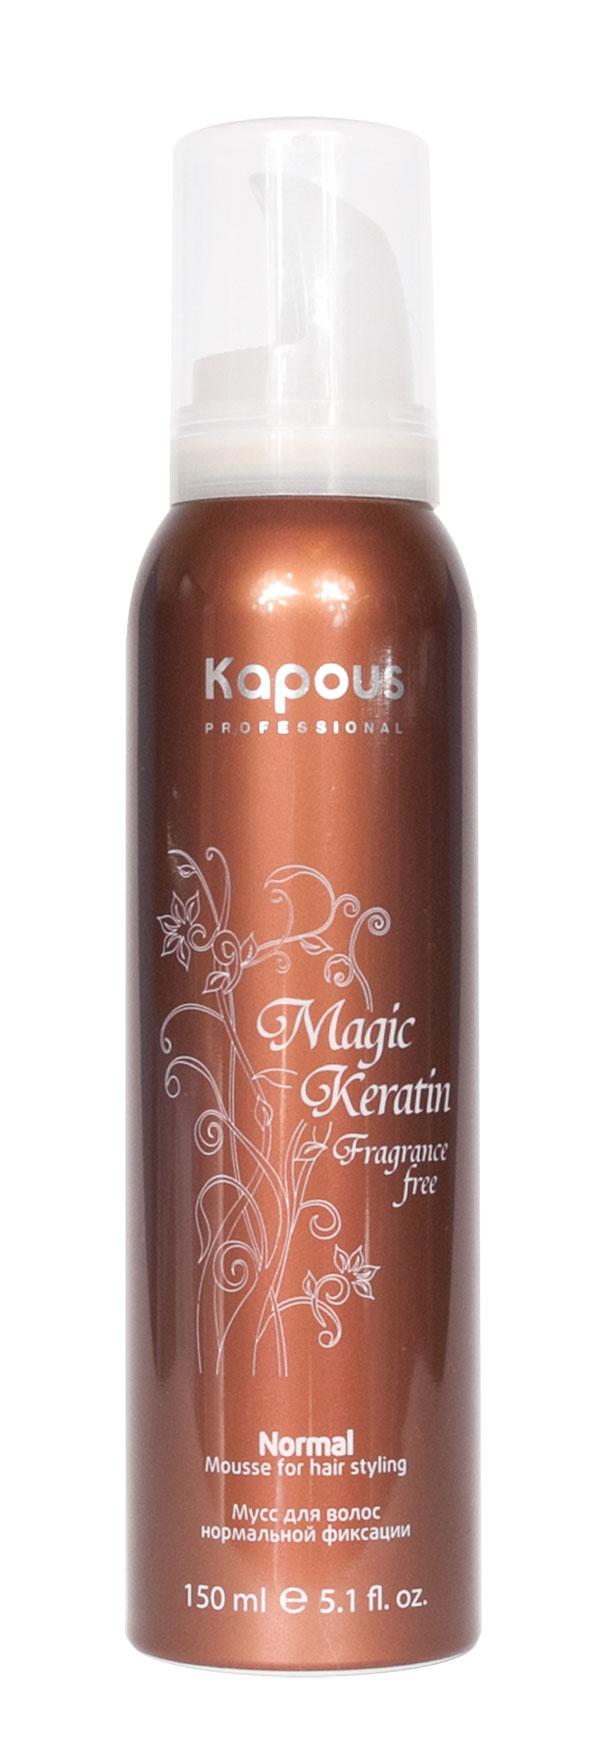 KAPOUS Мусс для укладки волос нормальной фиксации с кератином / Magic Keratin 150млМуссы<br>Мусс для волос нормальной фиксации предназначен для всех типов волос. Фиксируя объем, делает любую прическу естественной, обеспечивает длительный результат. Входящий в состав кератин питает волосы, делает их эластичными и гладкими, придает дополнительный блеск, защищает волосы от воздействия горячего фена и солнечных лучей. Способ применения: перед использованием баллон хорошо встряхнуть в течении 10-15 секунд! Направив баллон вниз, выдавить необходимое количество мусса и равномерно распределить по волосам. Высушить привычным способом.<br>